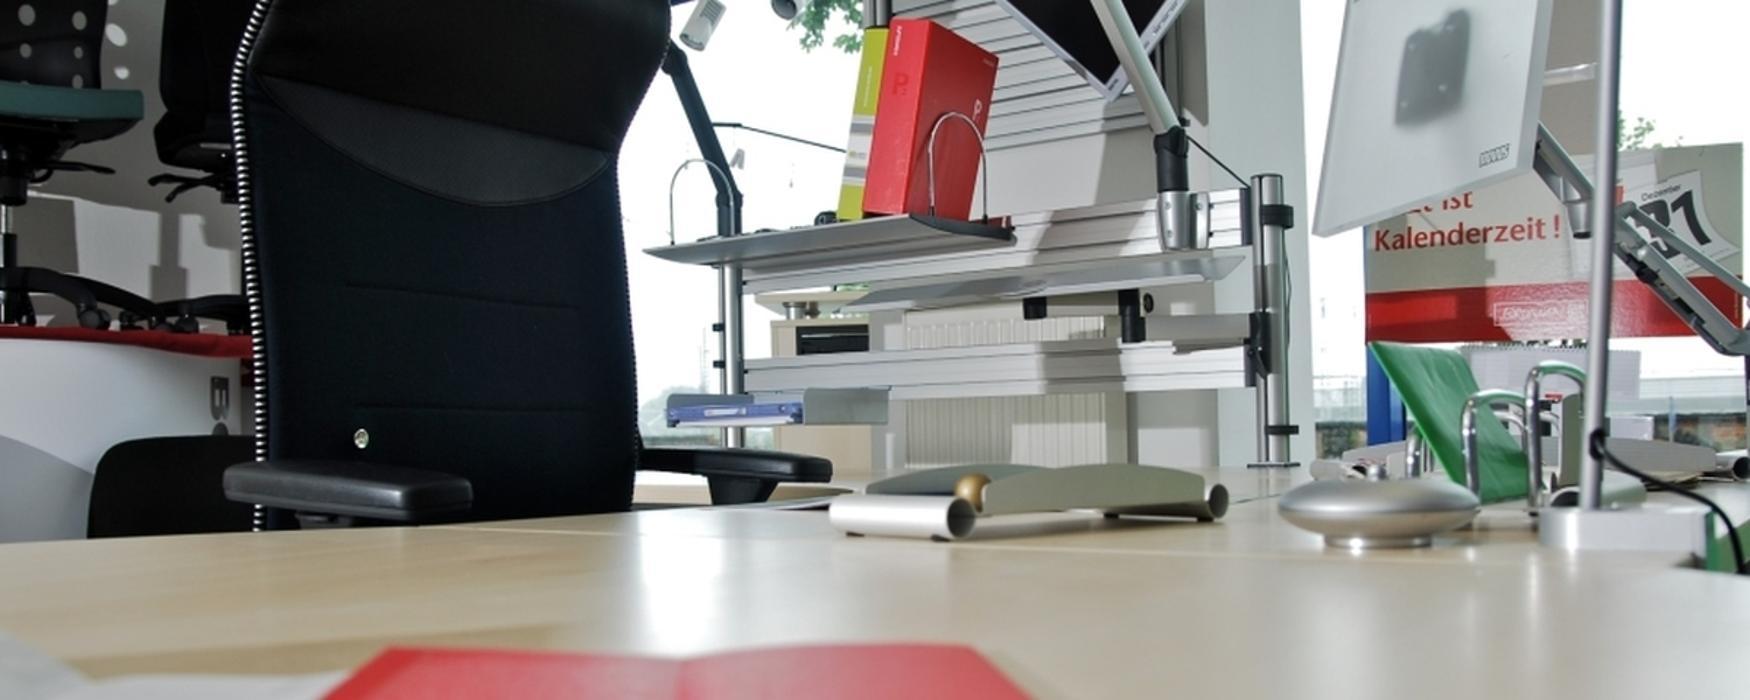 Sobotta Bürobedarf Gmbh Leipzig Wittenberger Straße 5